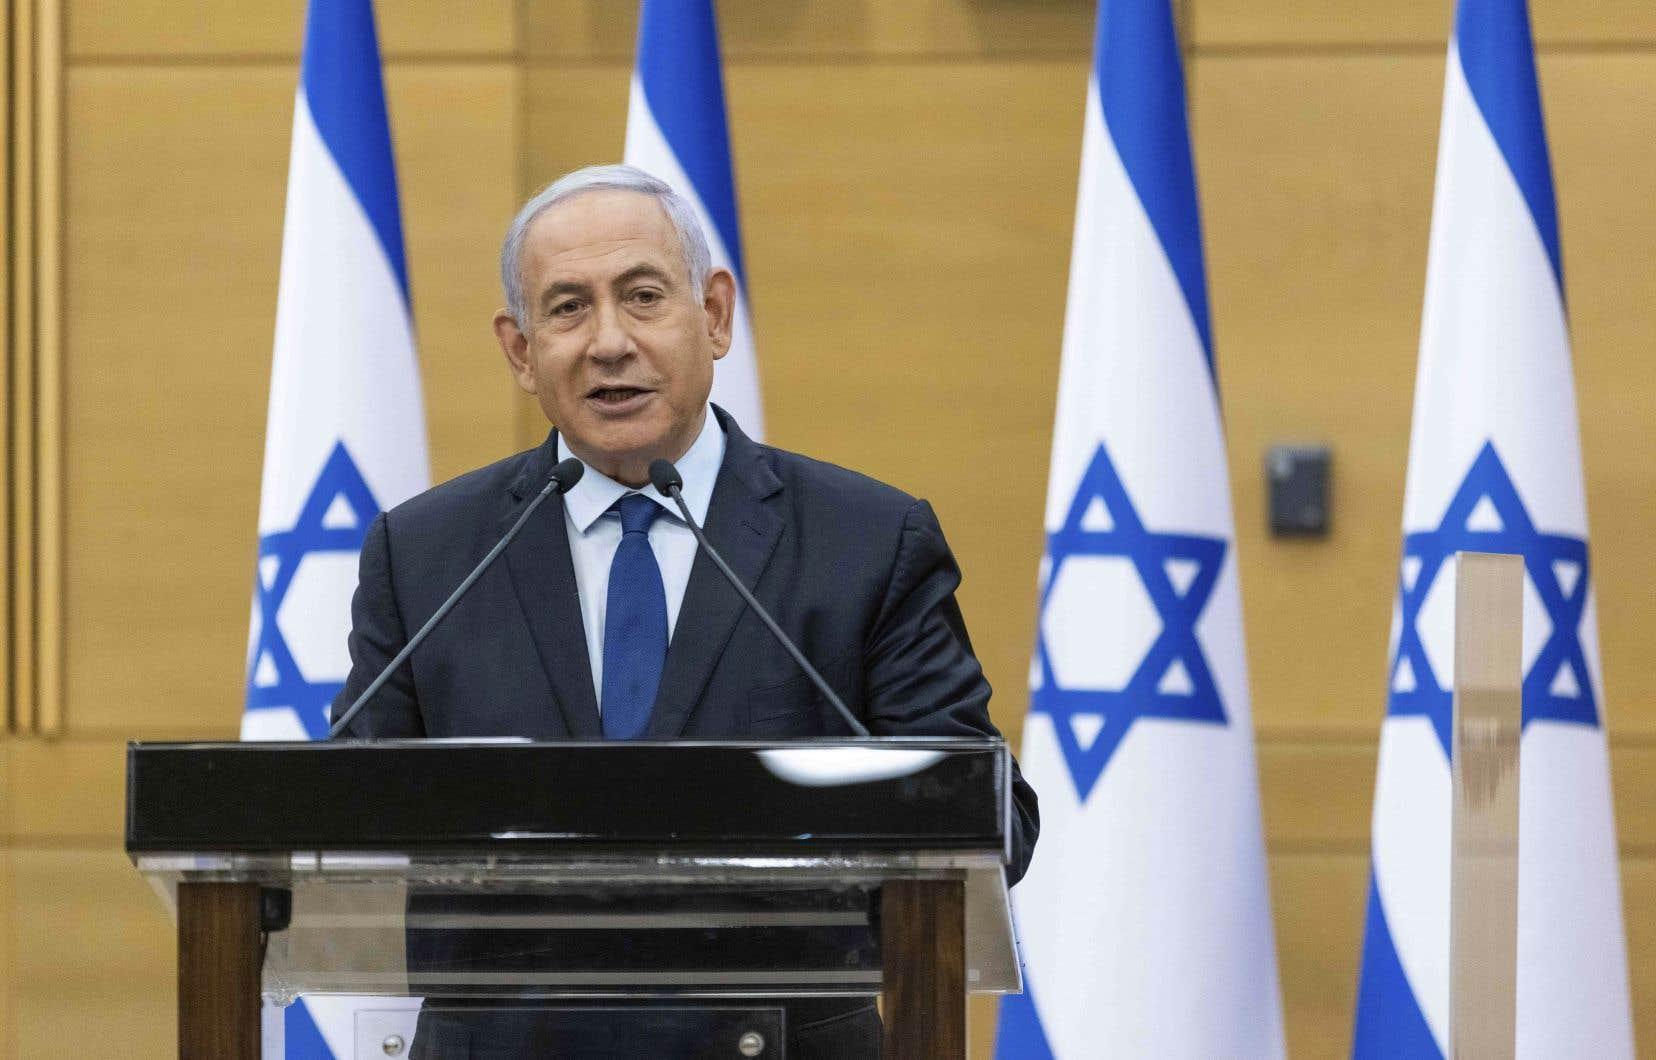 Le duo Naftali Bennett-Yaïr Lapid doit encore rallier 4 députés pour réunir une majorité de 61 têtes nécessaires pour prendre le pouvoir et faire tomber l'actuel premier ministre israélien, Benjamin Nétanyahou, qui, par le passé, a souvent usé de manœuvres de dernières minutes pour se maintenir en poste.